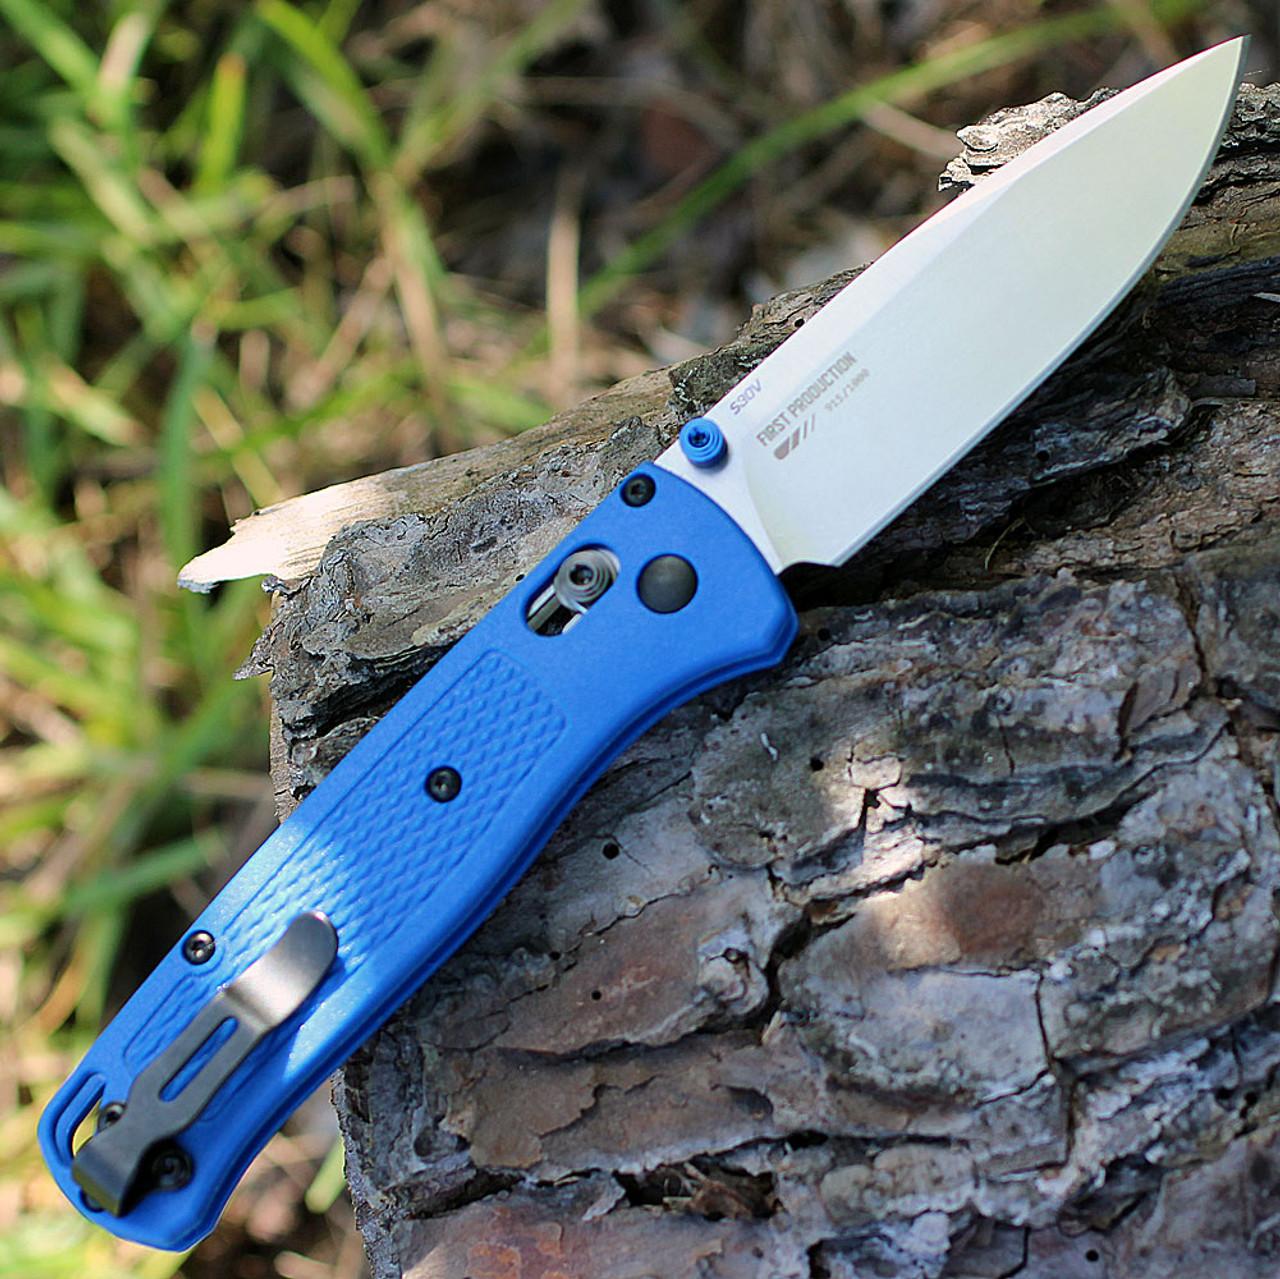 """Benchmade Bugout 535, 3.24"""" CPMS30V Plain Blade, Blue Grivory Handle"""